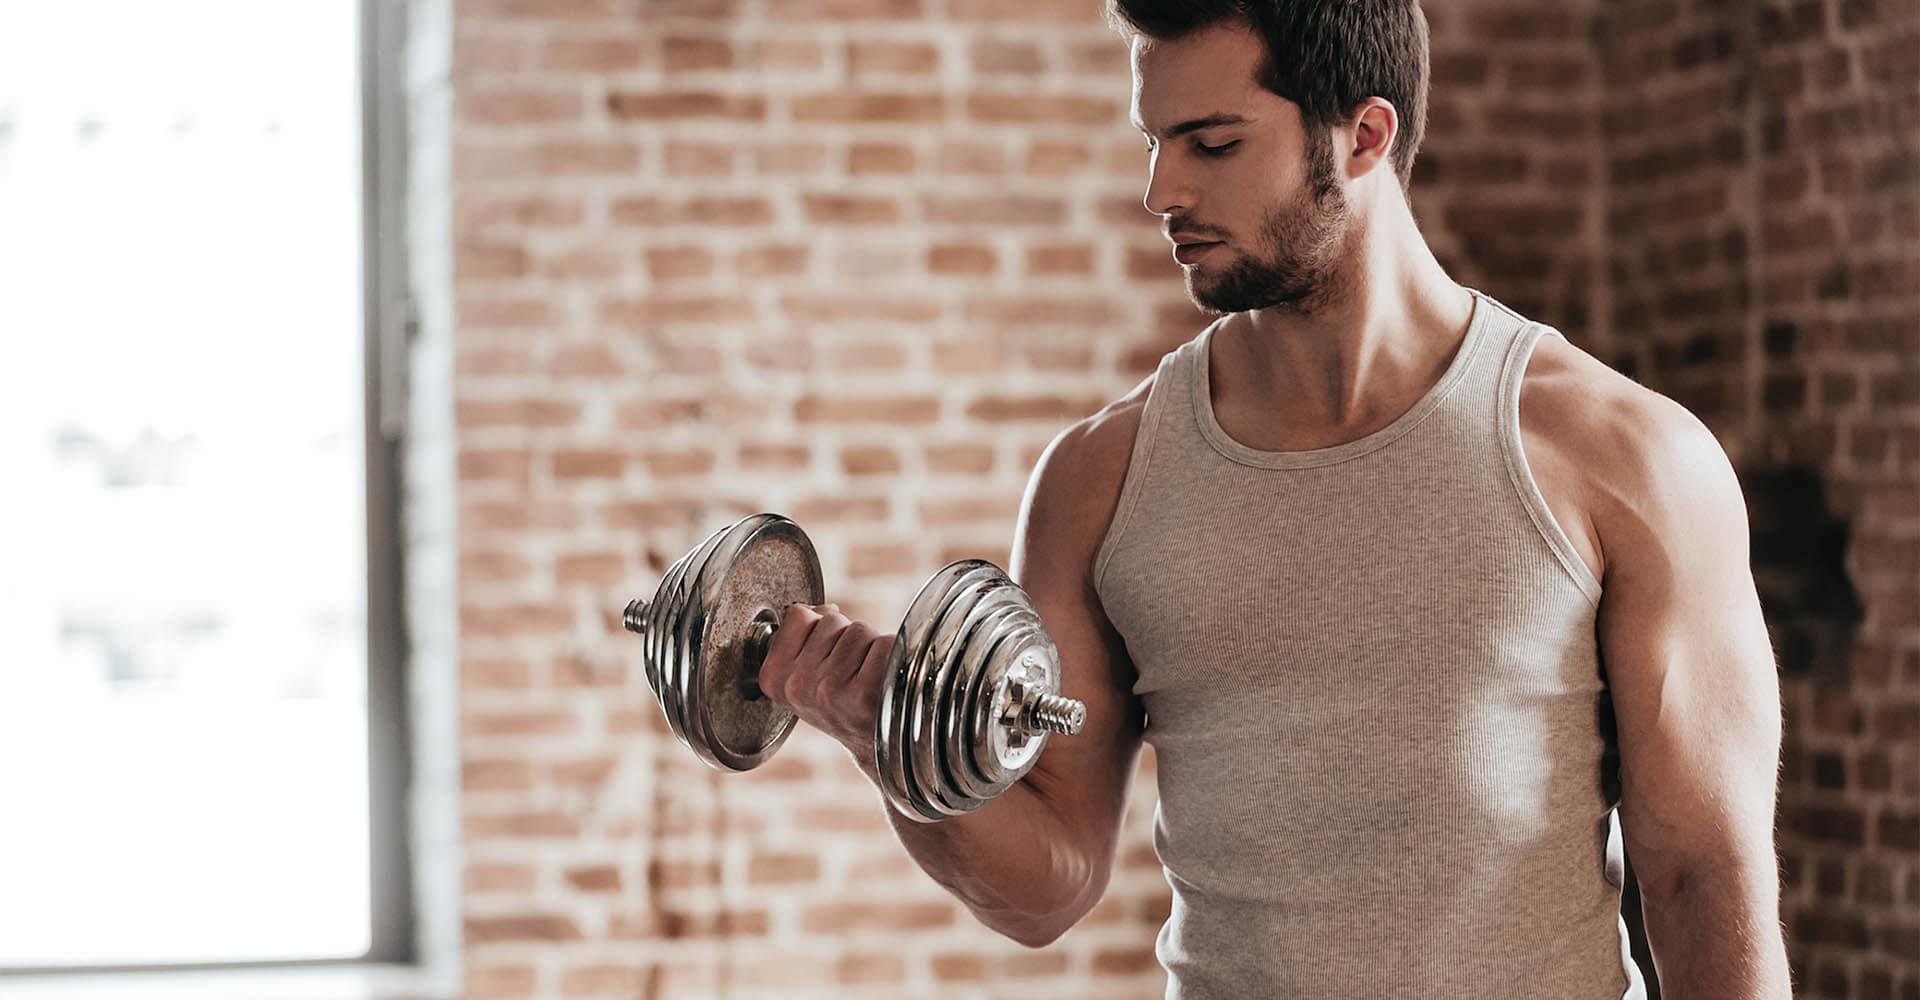 Mann führt zuhause mit Hanteln Kraftsport Übungen durch.